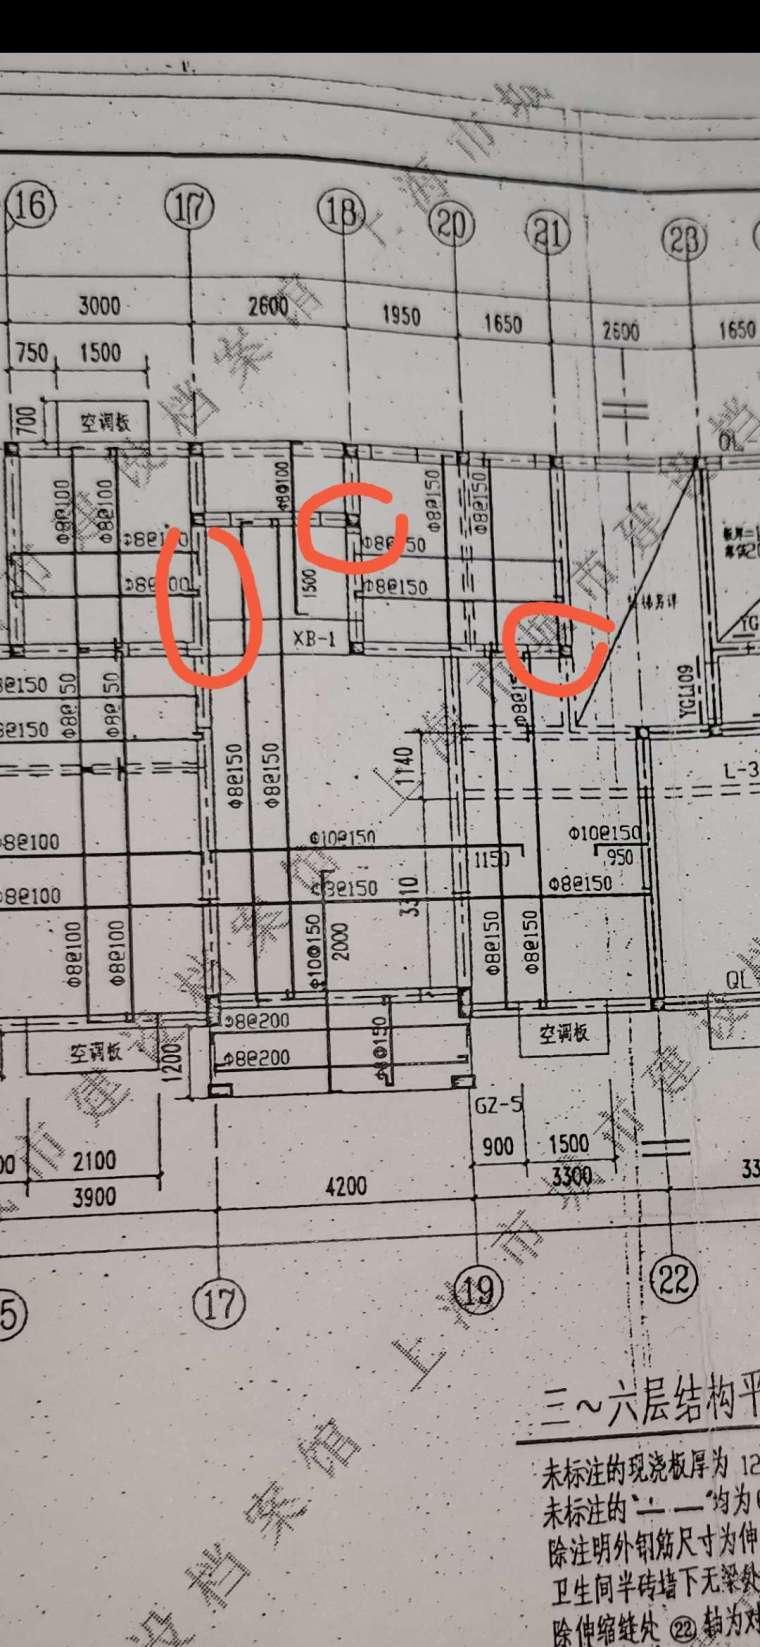 住宅结构图怎么看?